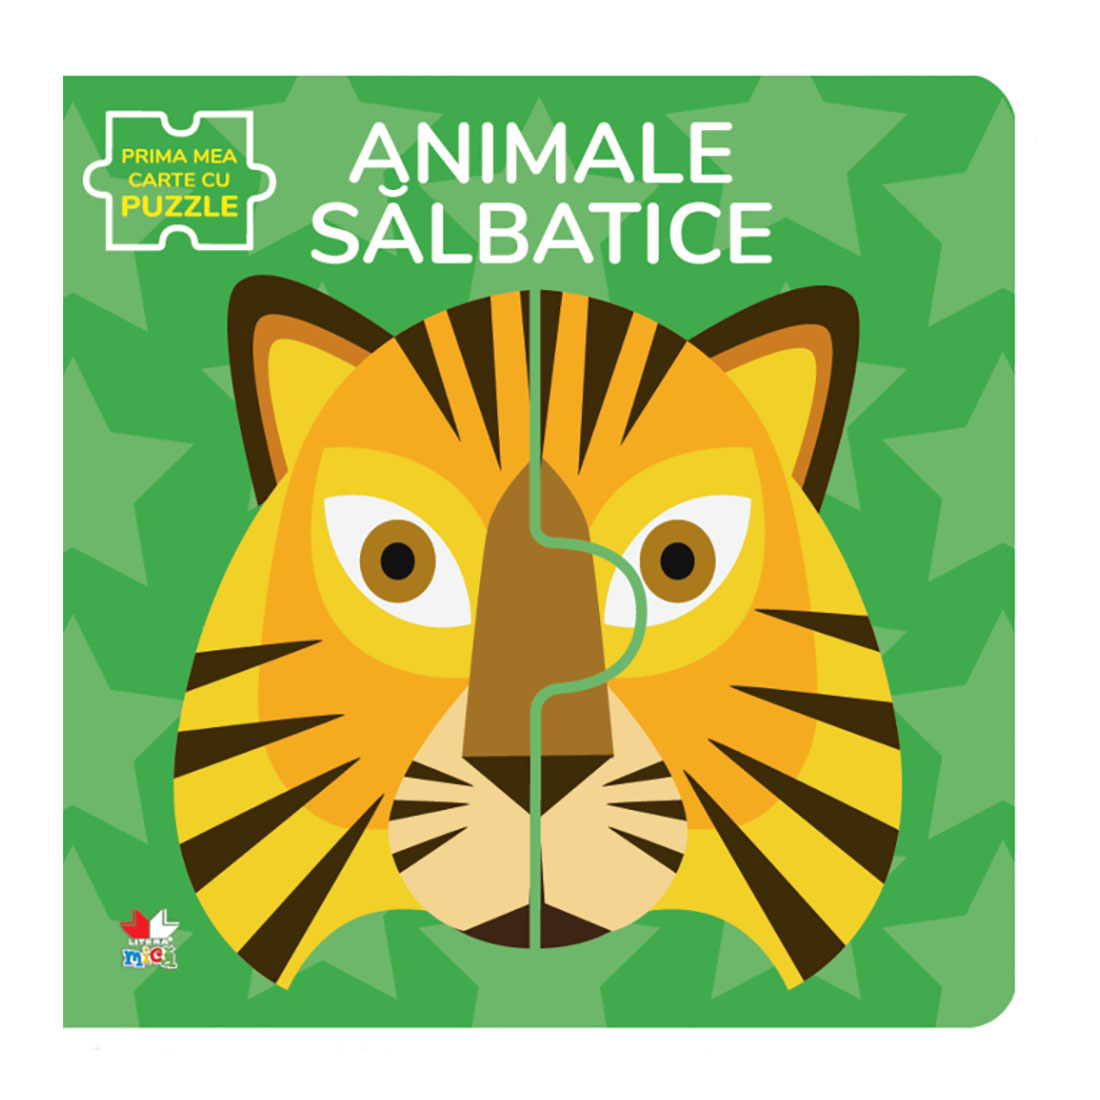 Carte Editura Litera, Animale salbatice, Carte cu puzzle